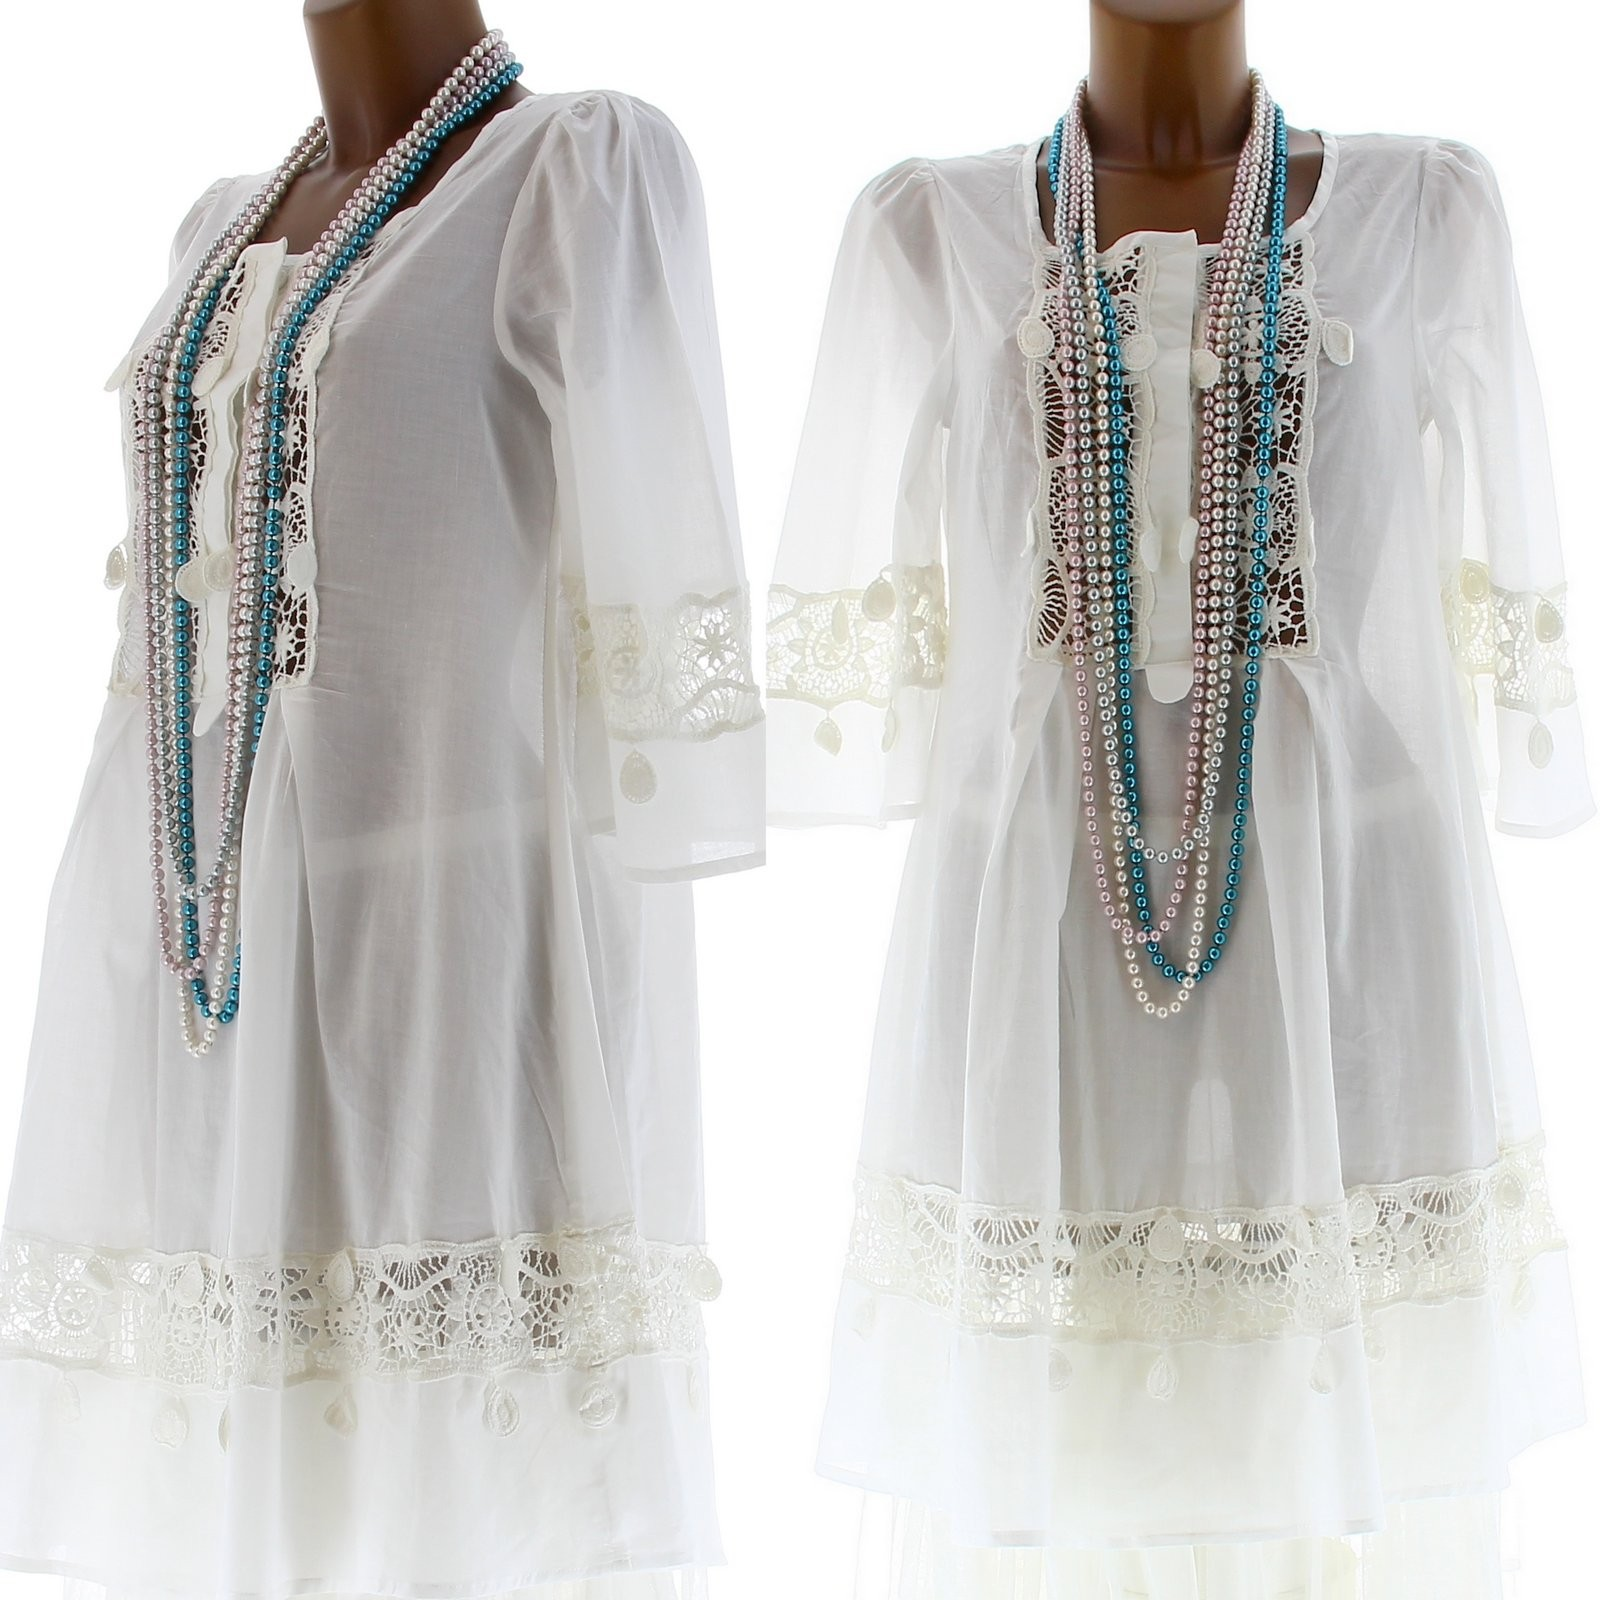 chemise tunique blanche femme chapka doudoune pull vetement d 39 hiver. Black Bedroom Furniture Sets. Home Design Ideas